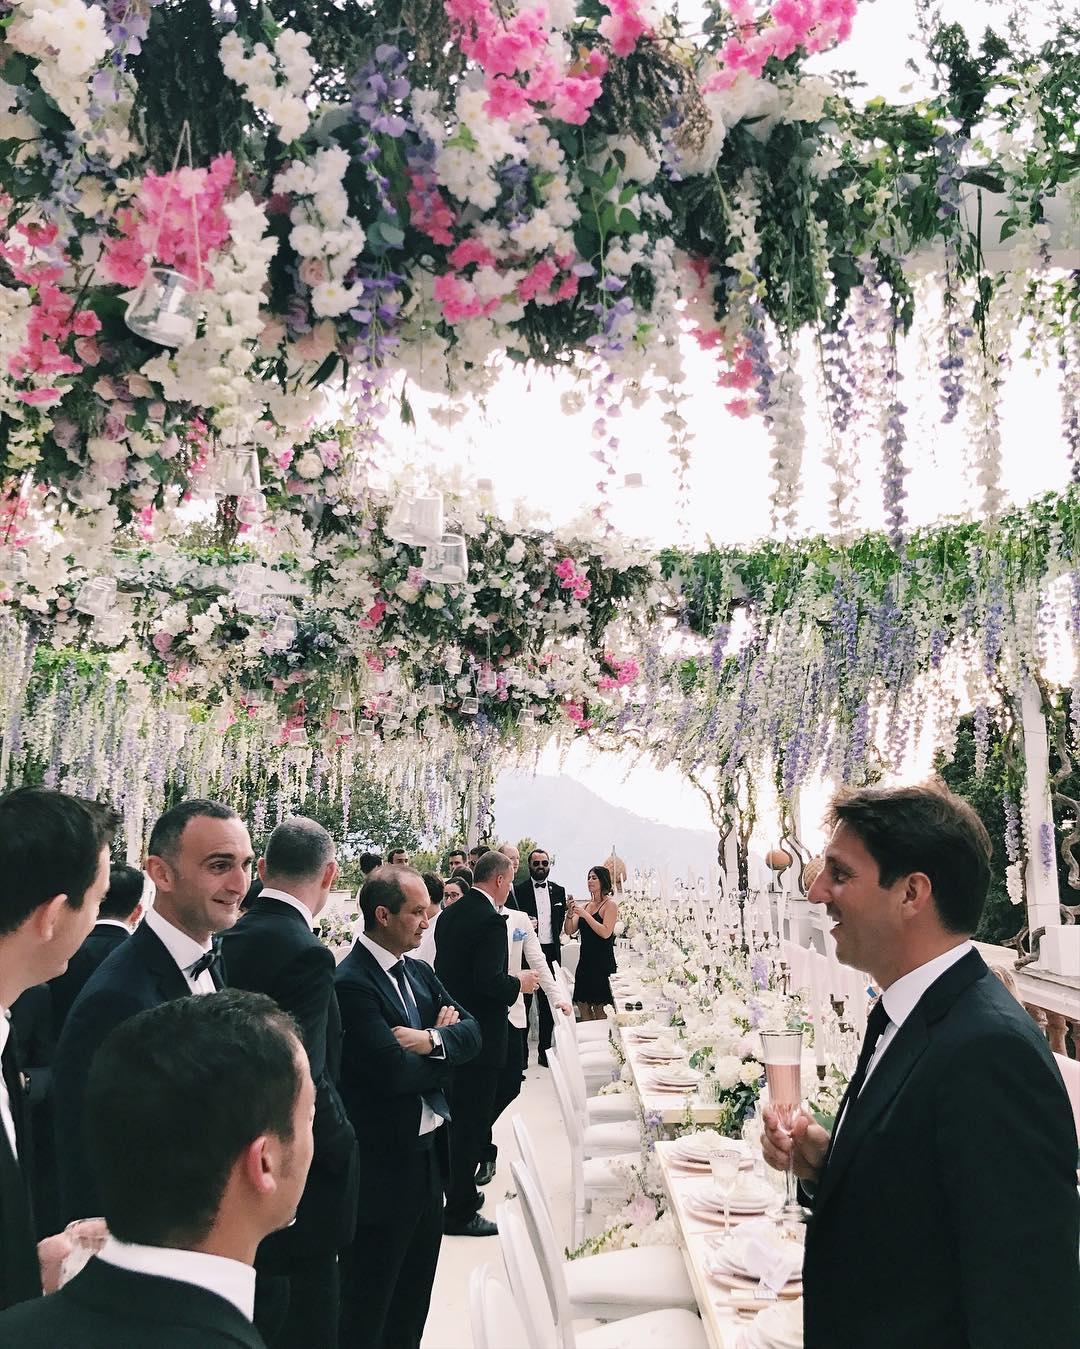 over the top weddings19121650_1801437166833876_2470887087591653376_n.jpg